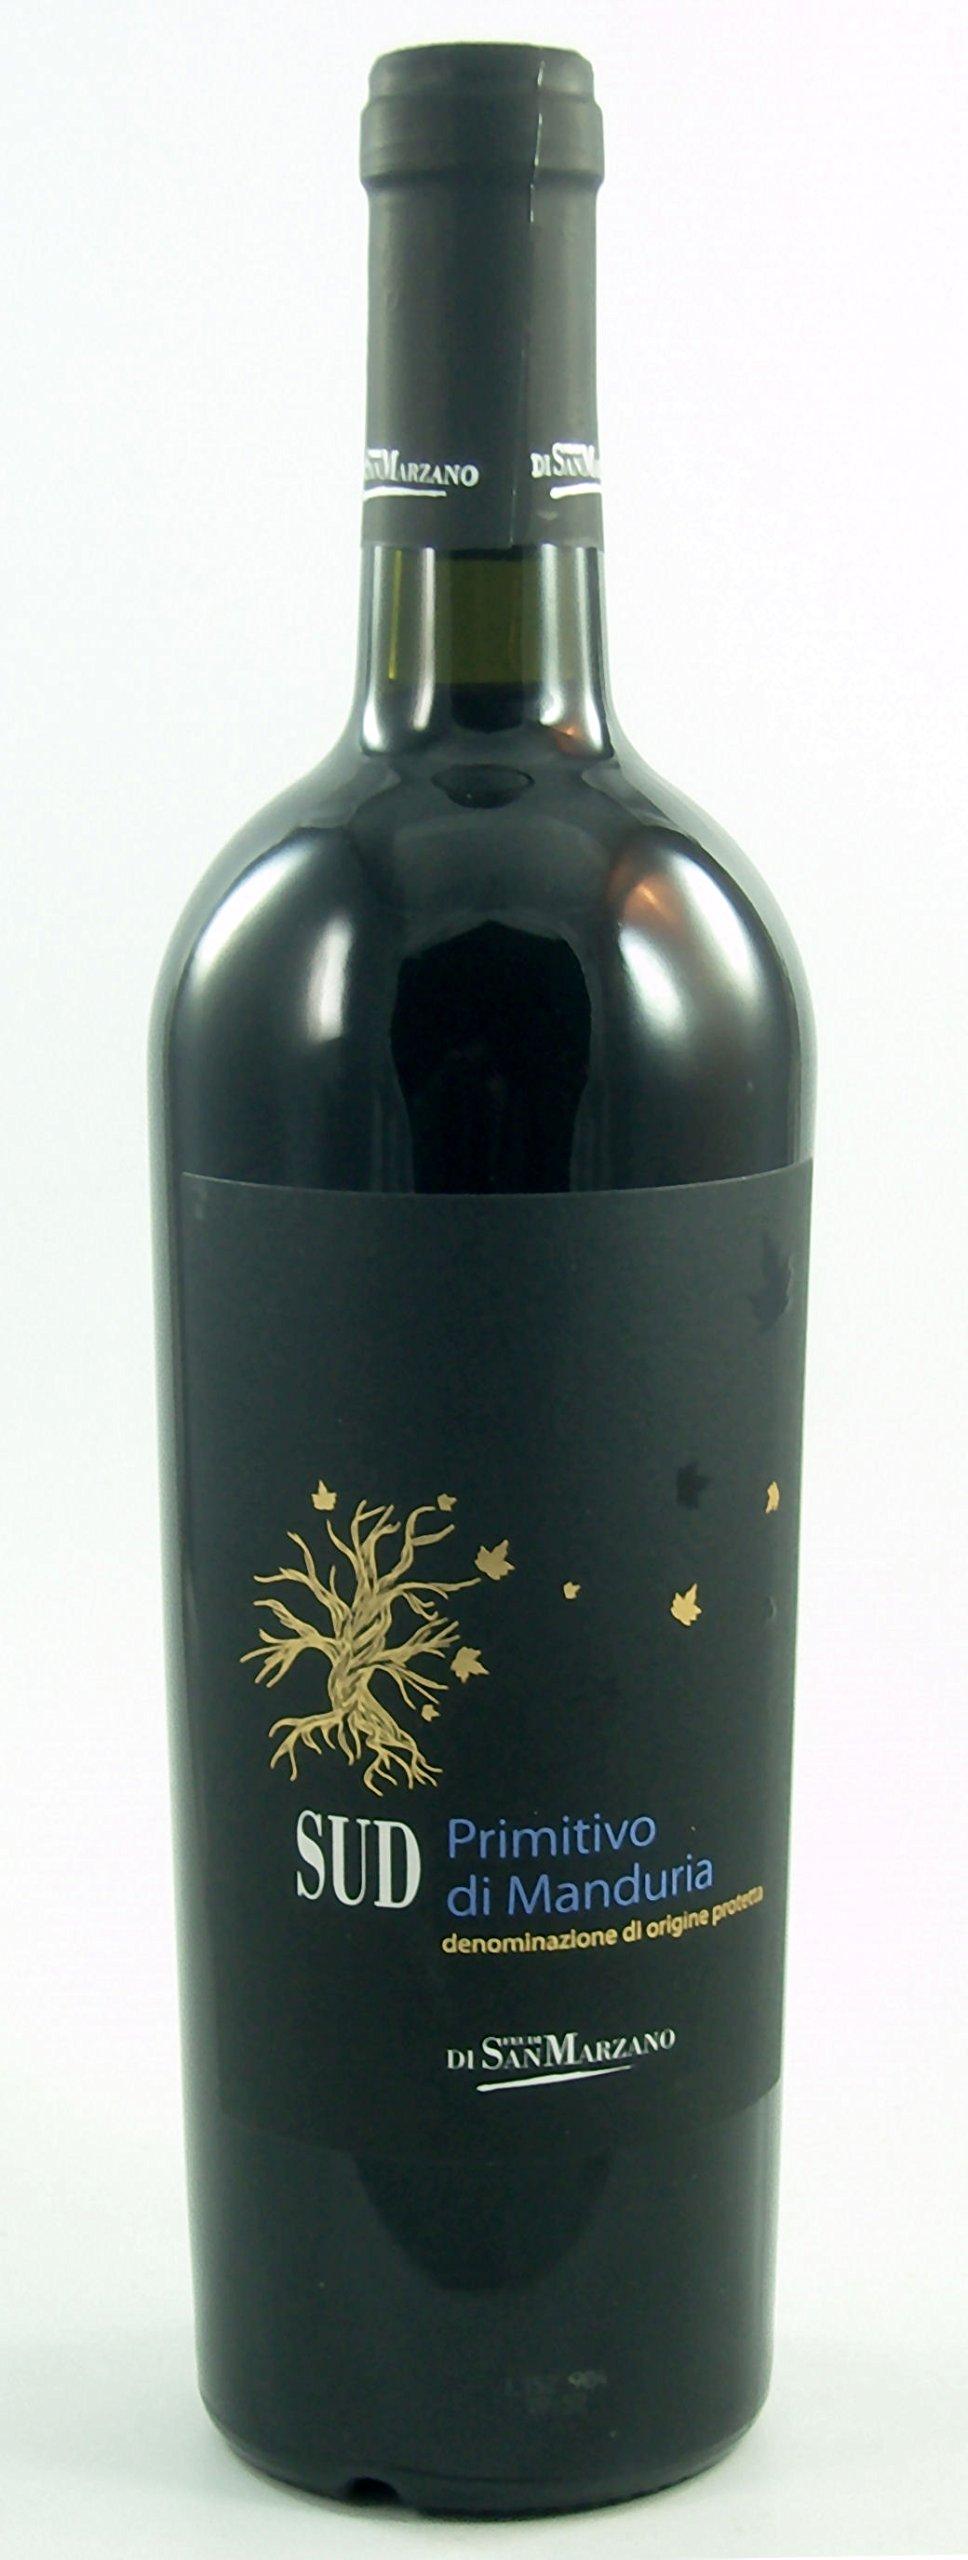 6-FlaschenI-SUD-Primitivo-di-Manduria-DOC-2017-im-Sparpack-Feudi-di-San-Marzano-trockener-Rotwein-aus-Apulien